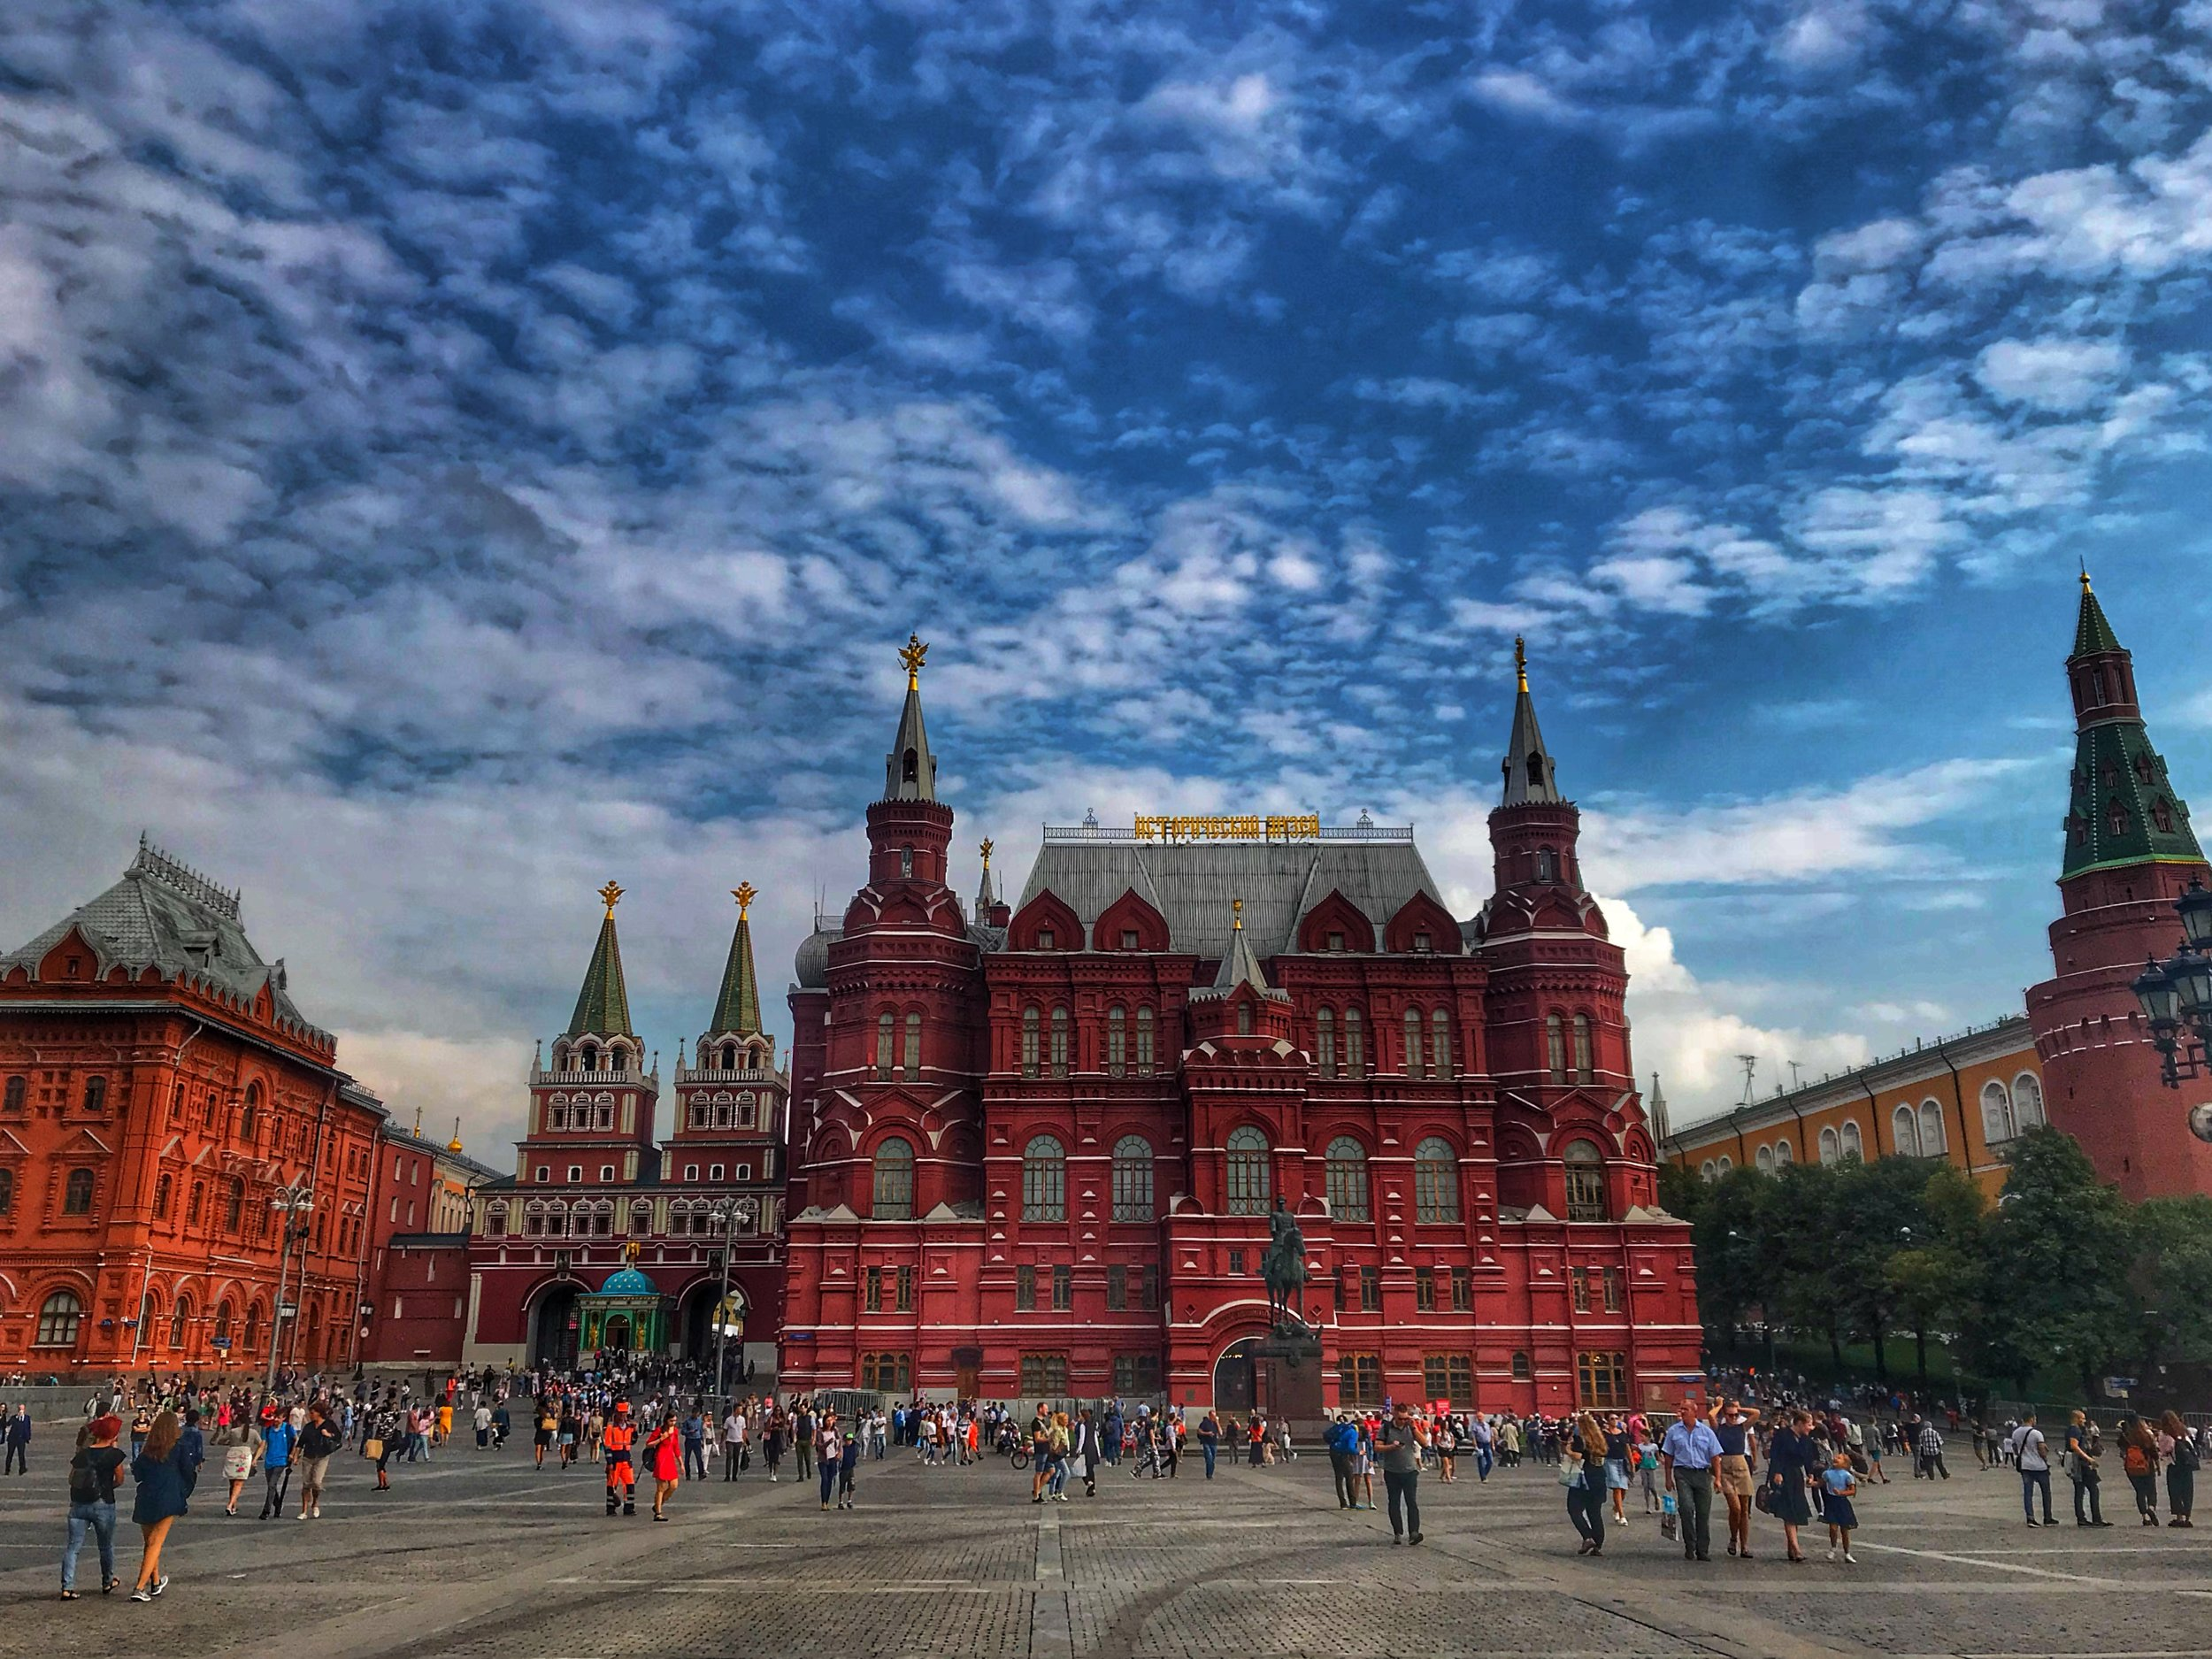 Red Square Nice Sky.jpg